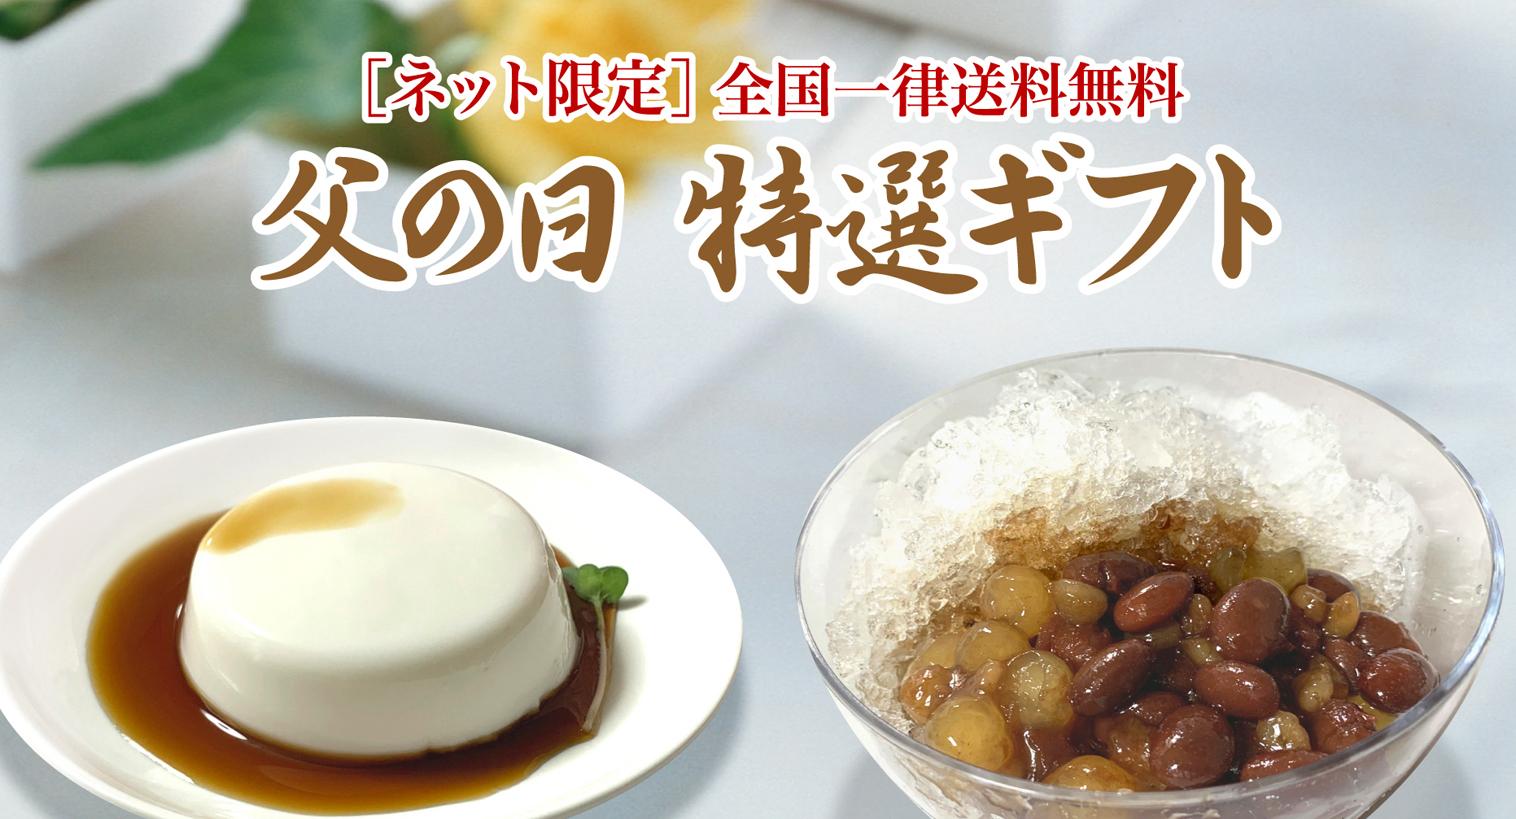 ジーマーミ豆腐と沖縄ぜんざい トップバナー